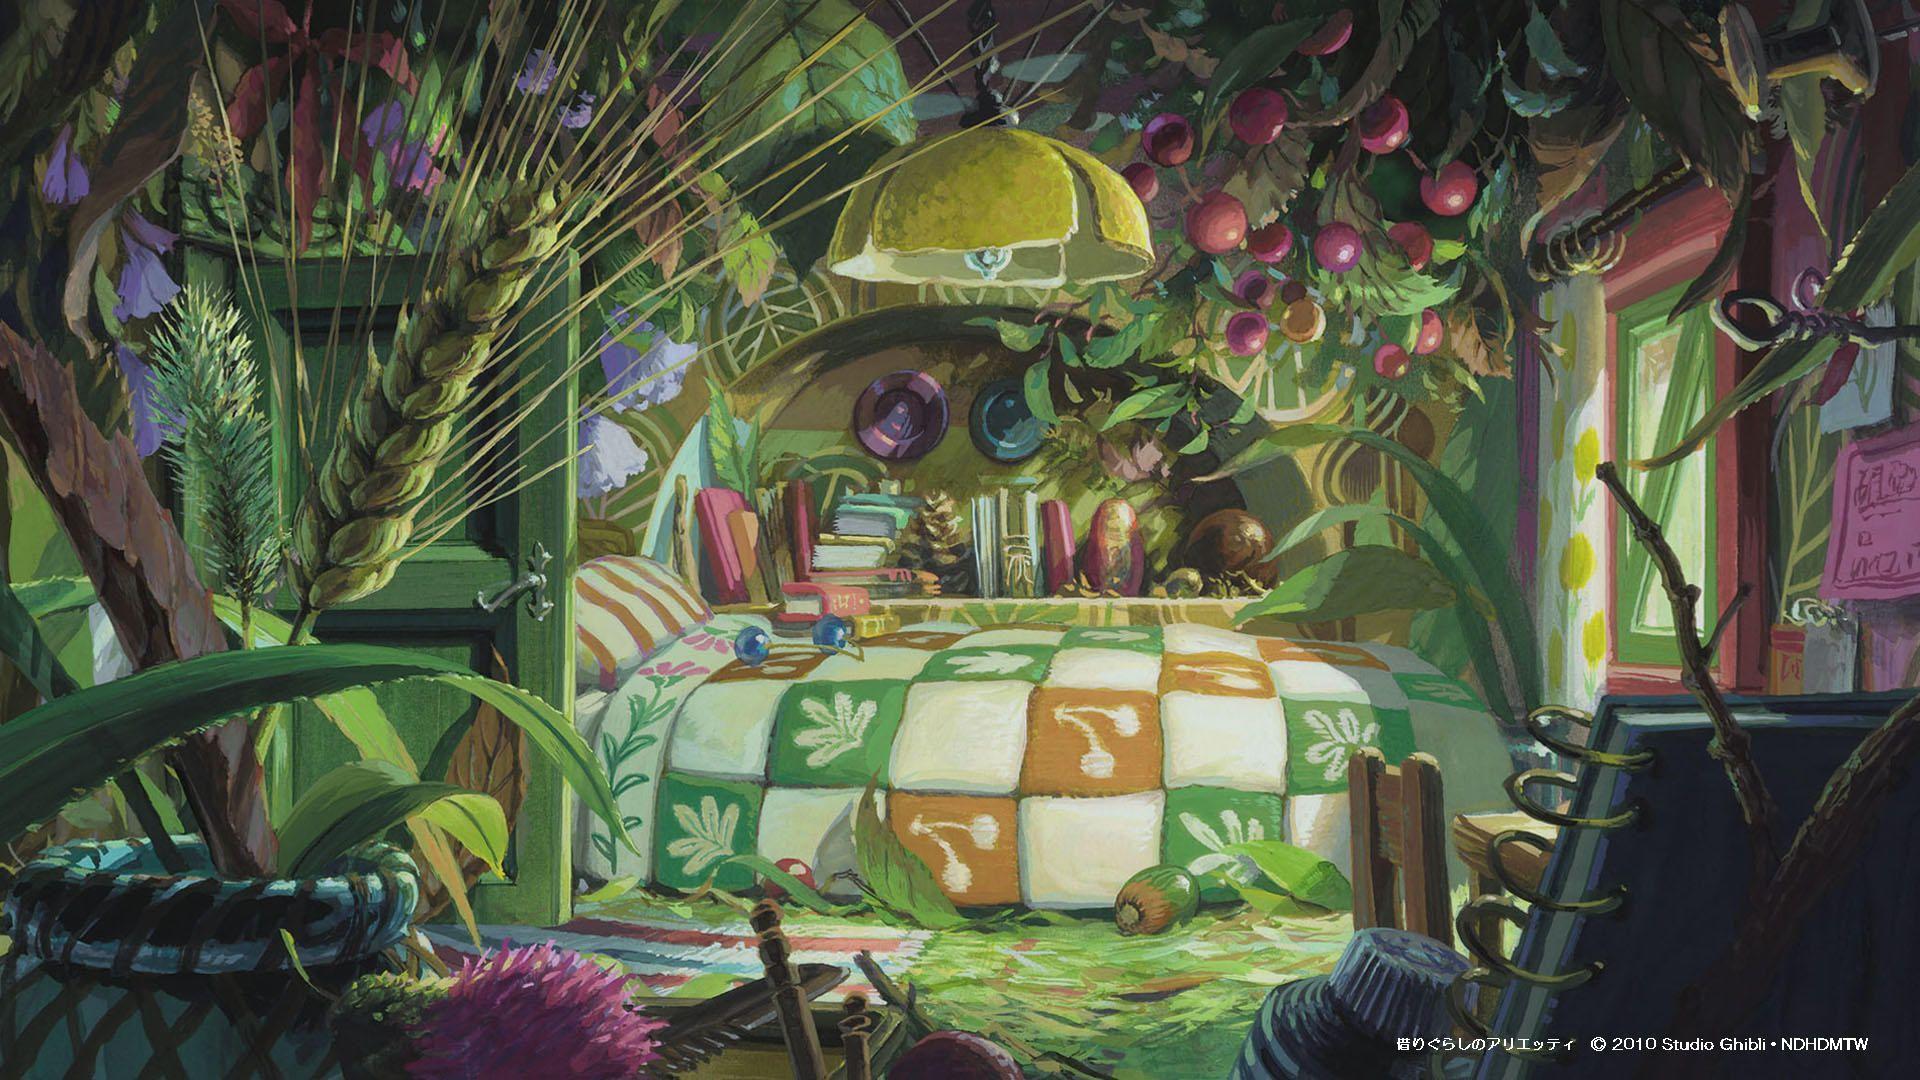 Meriahkan Belajar di Rumah, Studio Ghibli Rilis 12 Wallpaper Gratis